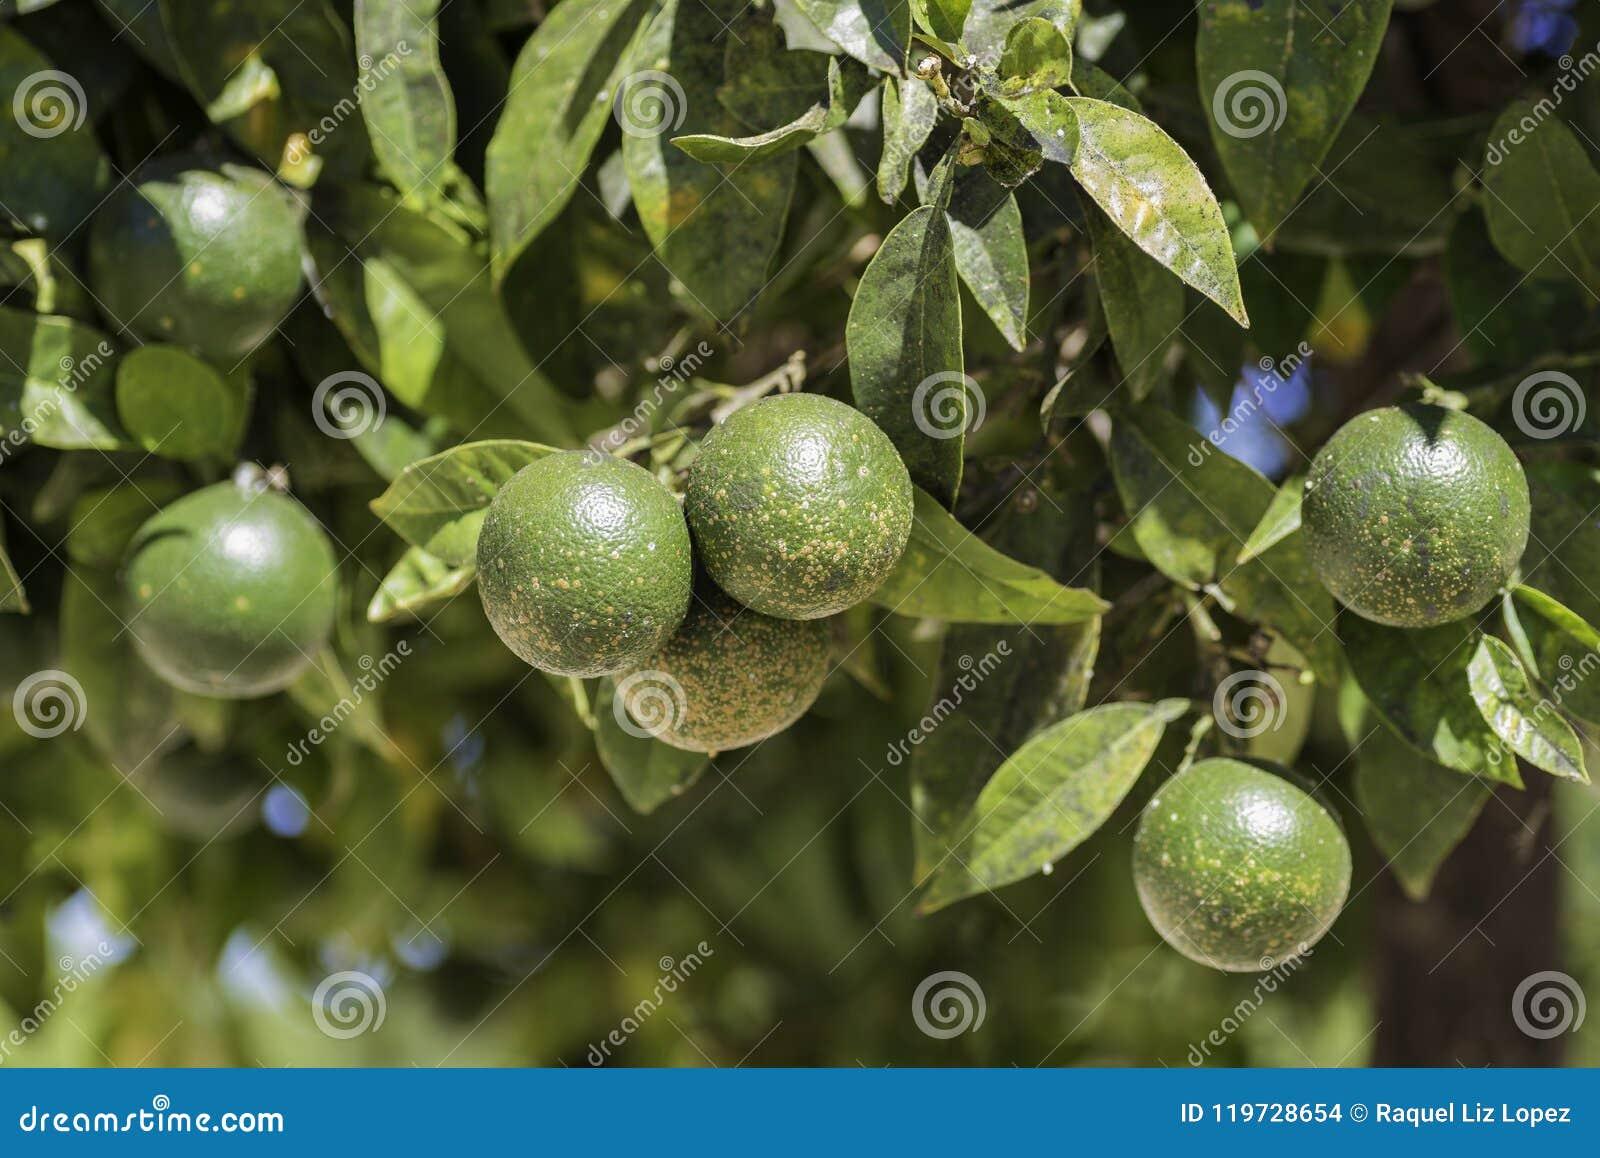 Szczegół zielone pomarańcze